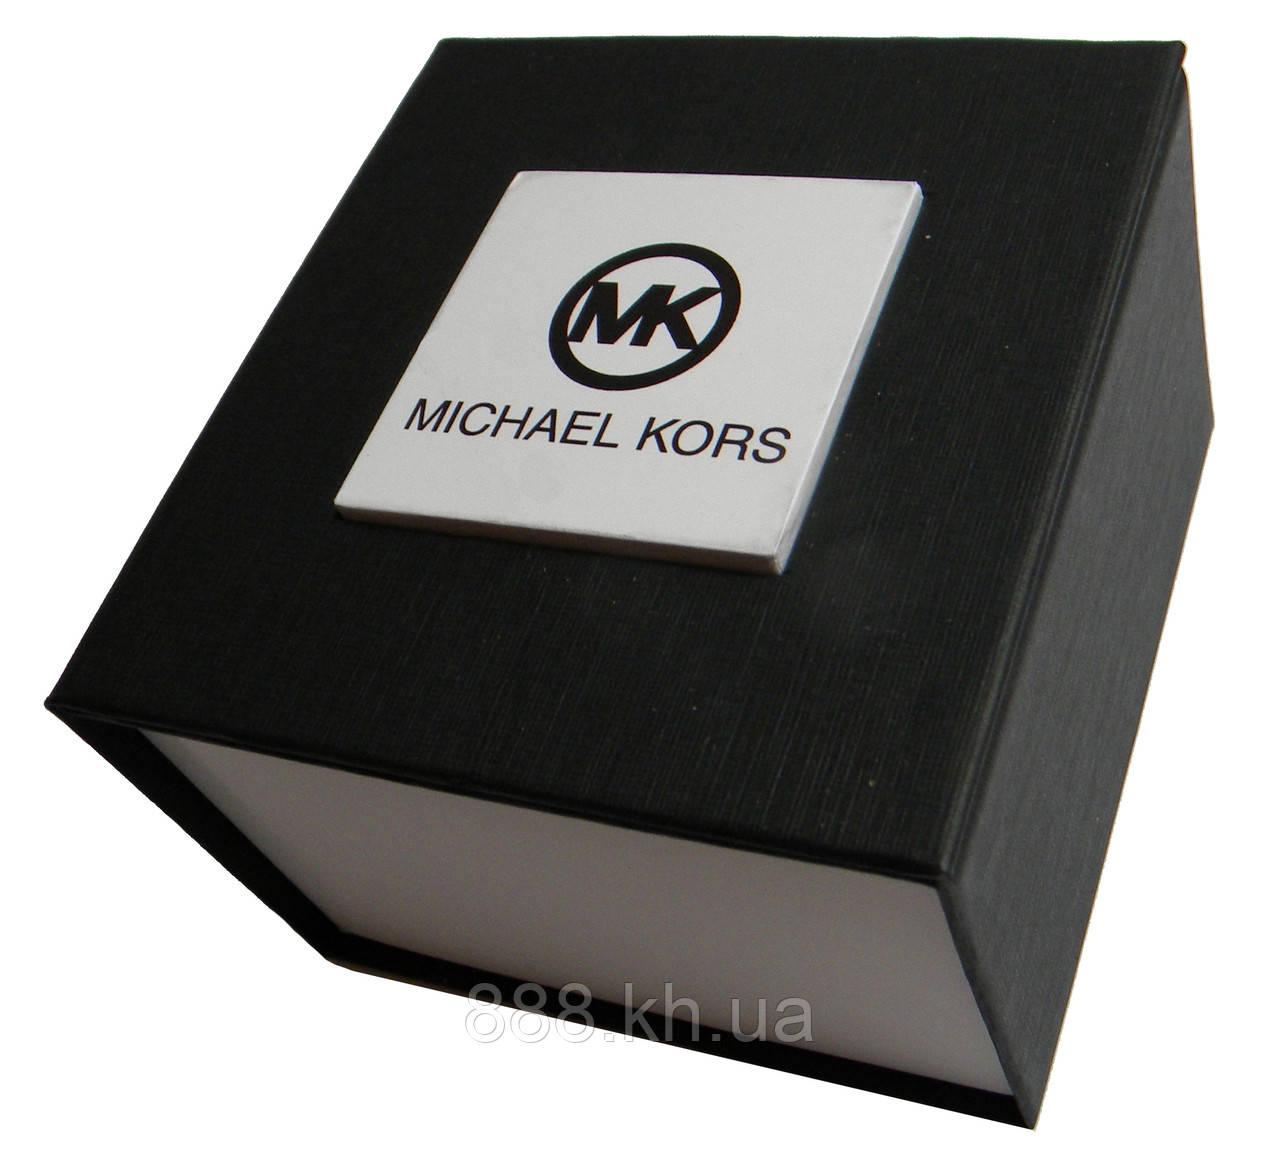 Коробка для часов опт, розница, коробка для наручных часов MICHAEL KORS, футляр для часов